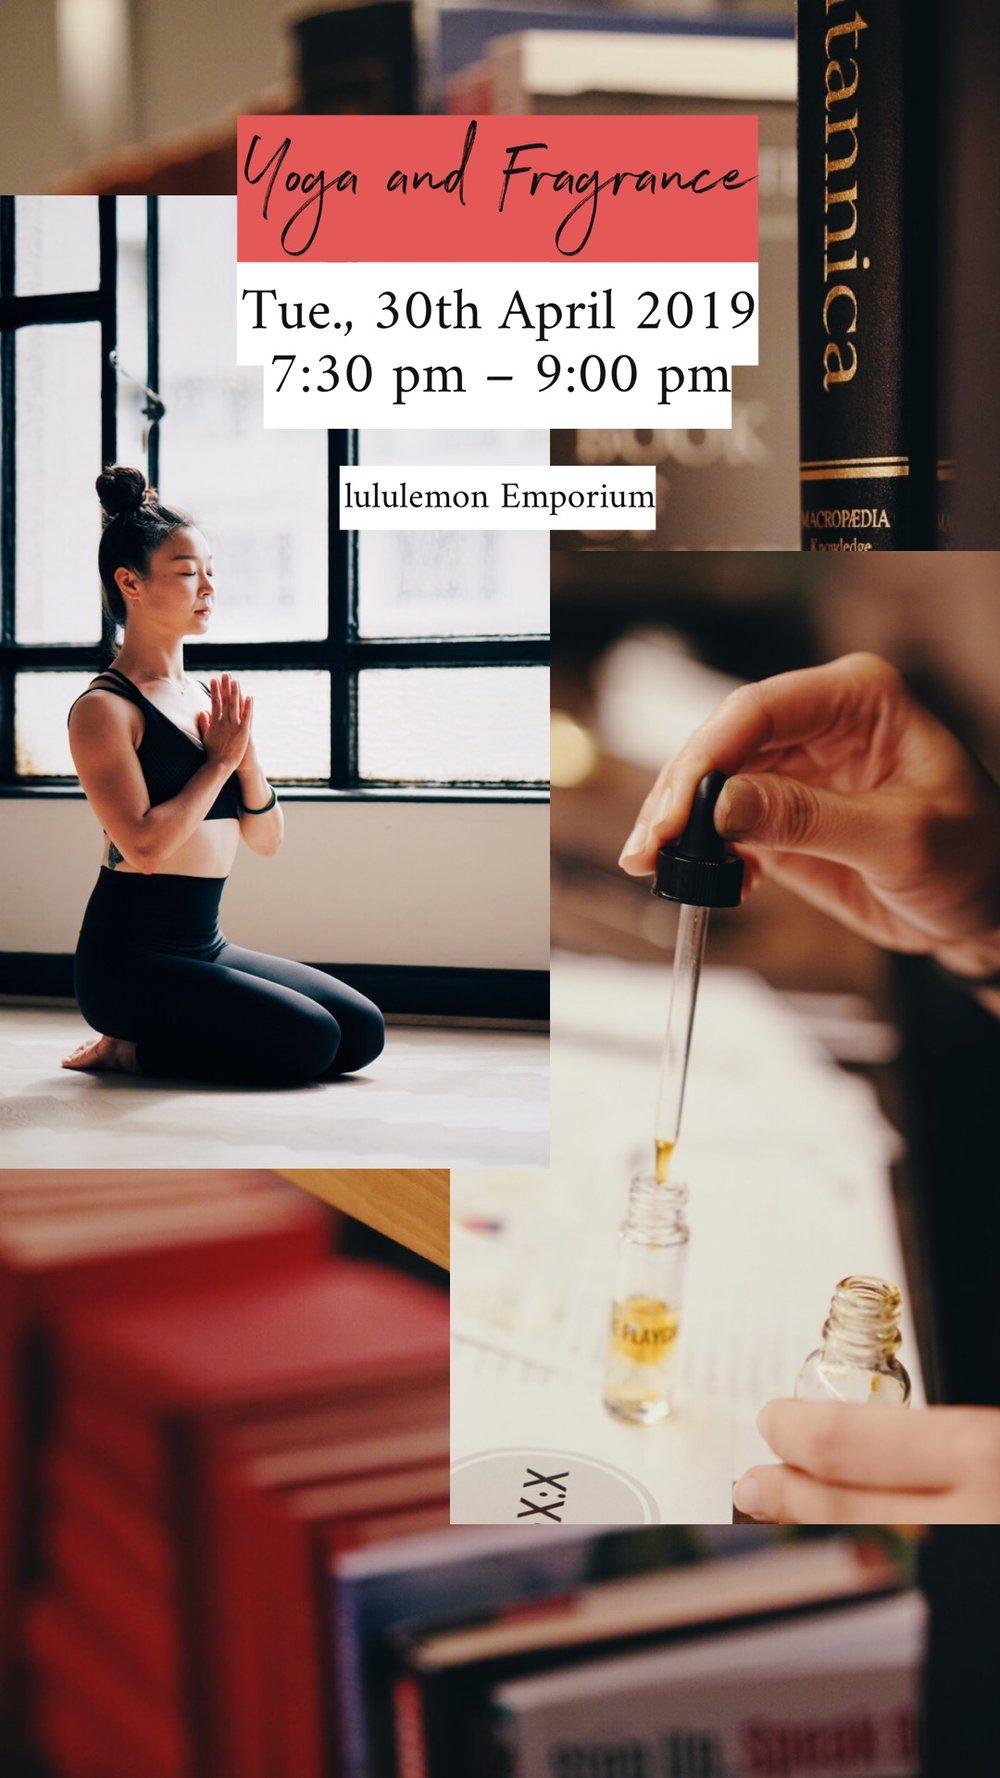 Little_Mandarin_Yoga_and_Fragrance.JPG